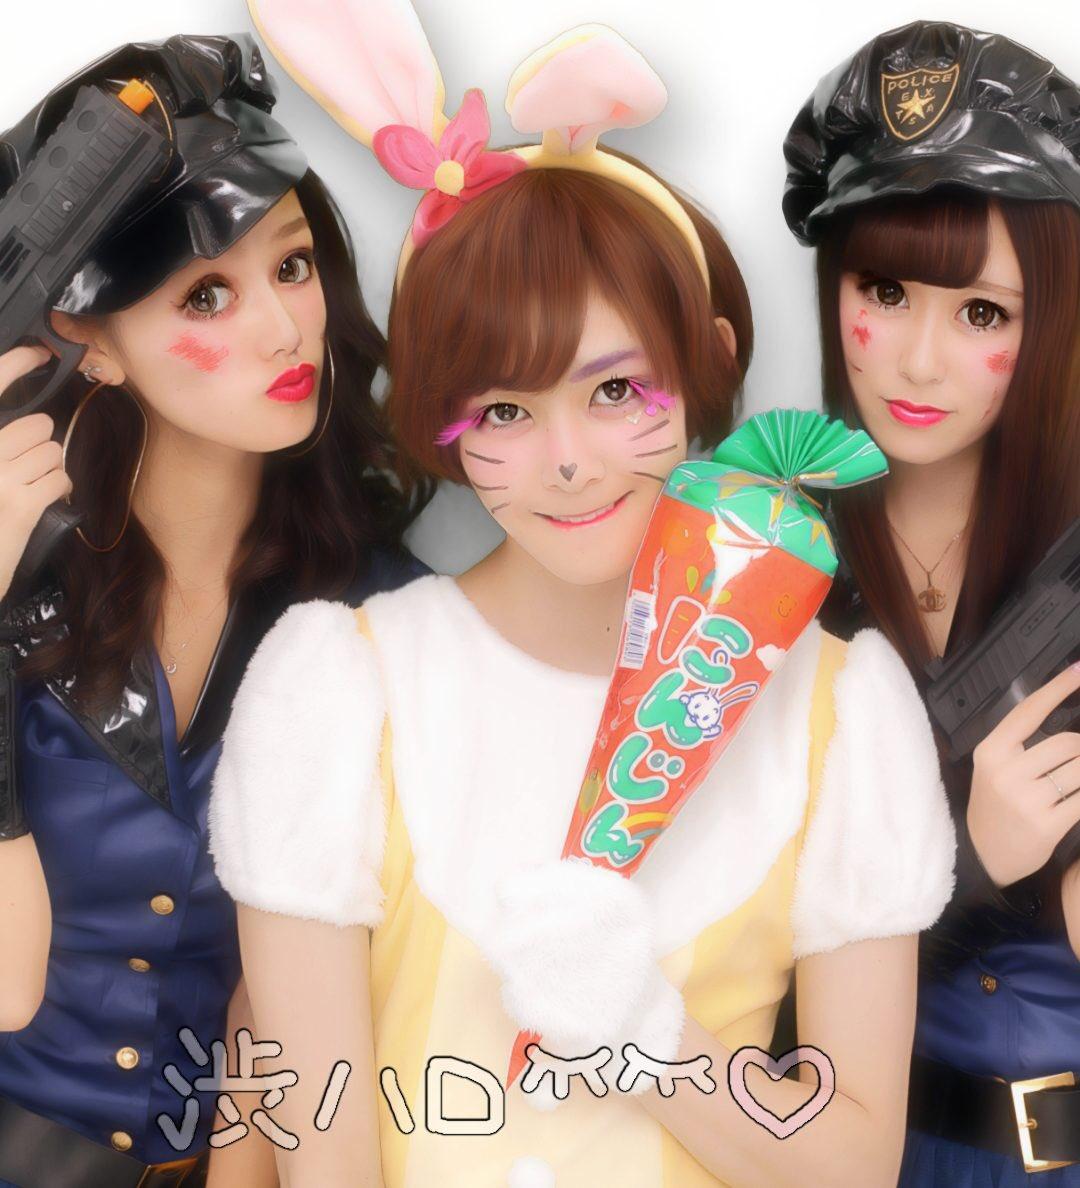 ハロウィン渋谷でオフパコするエロコスプレ少女エロ画像7枚目